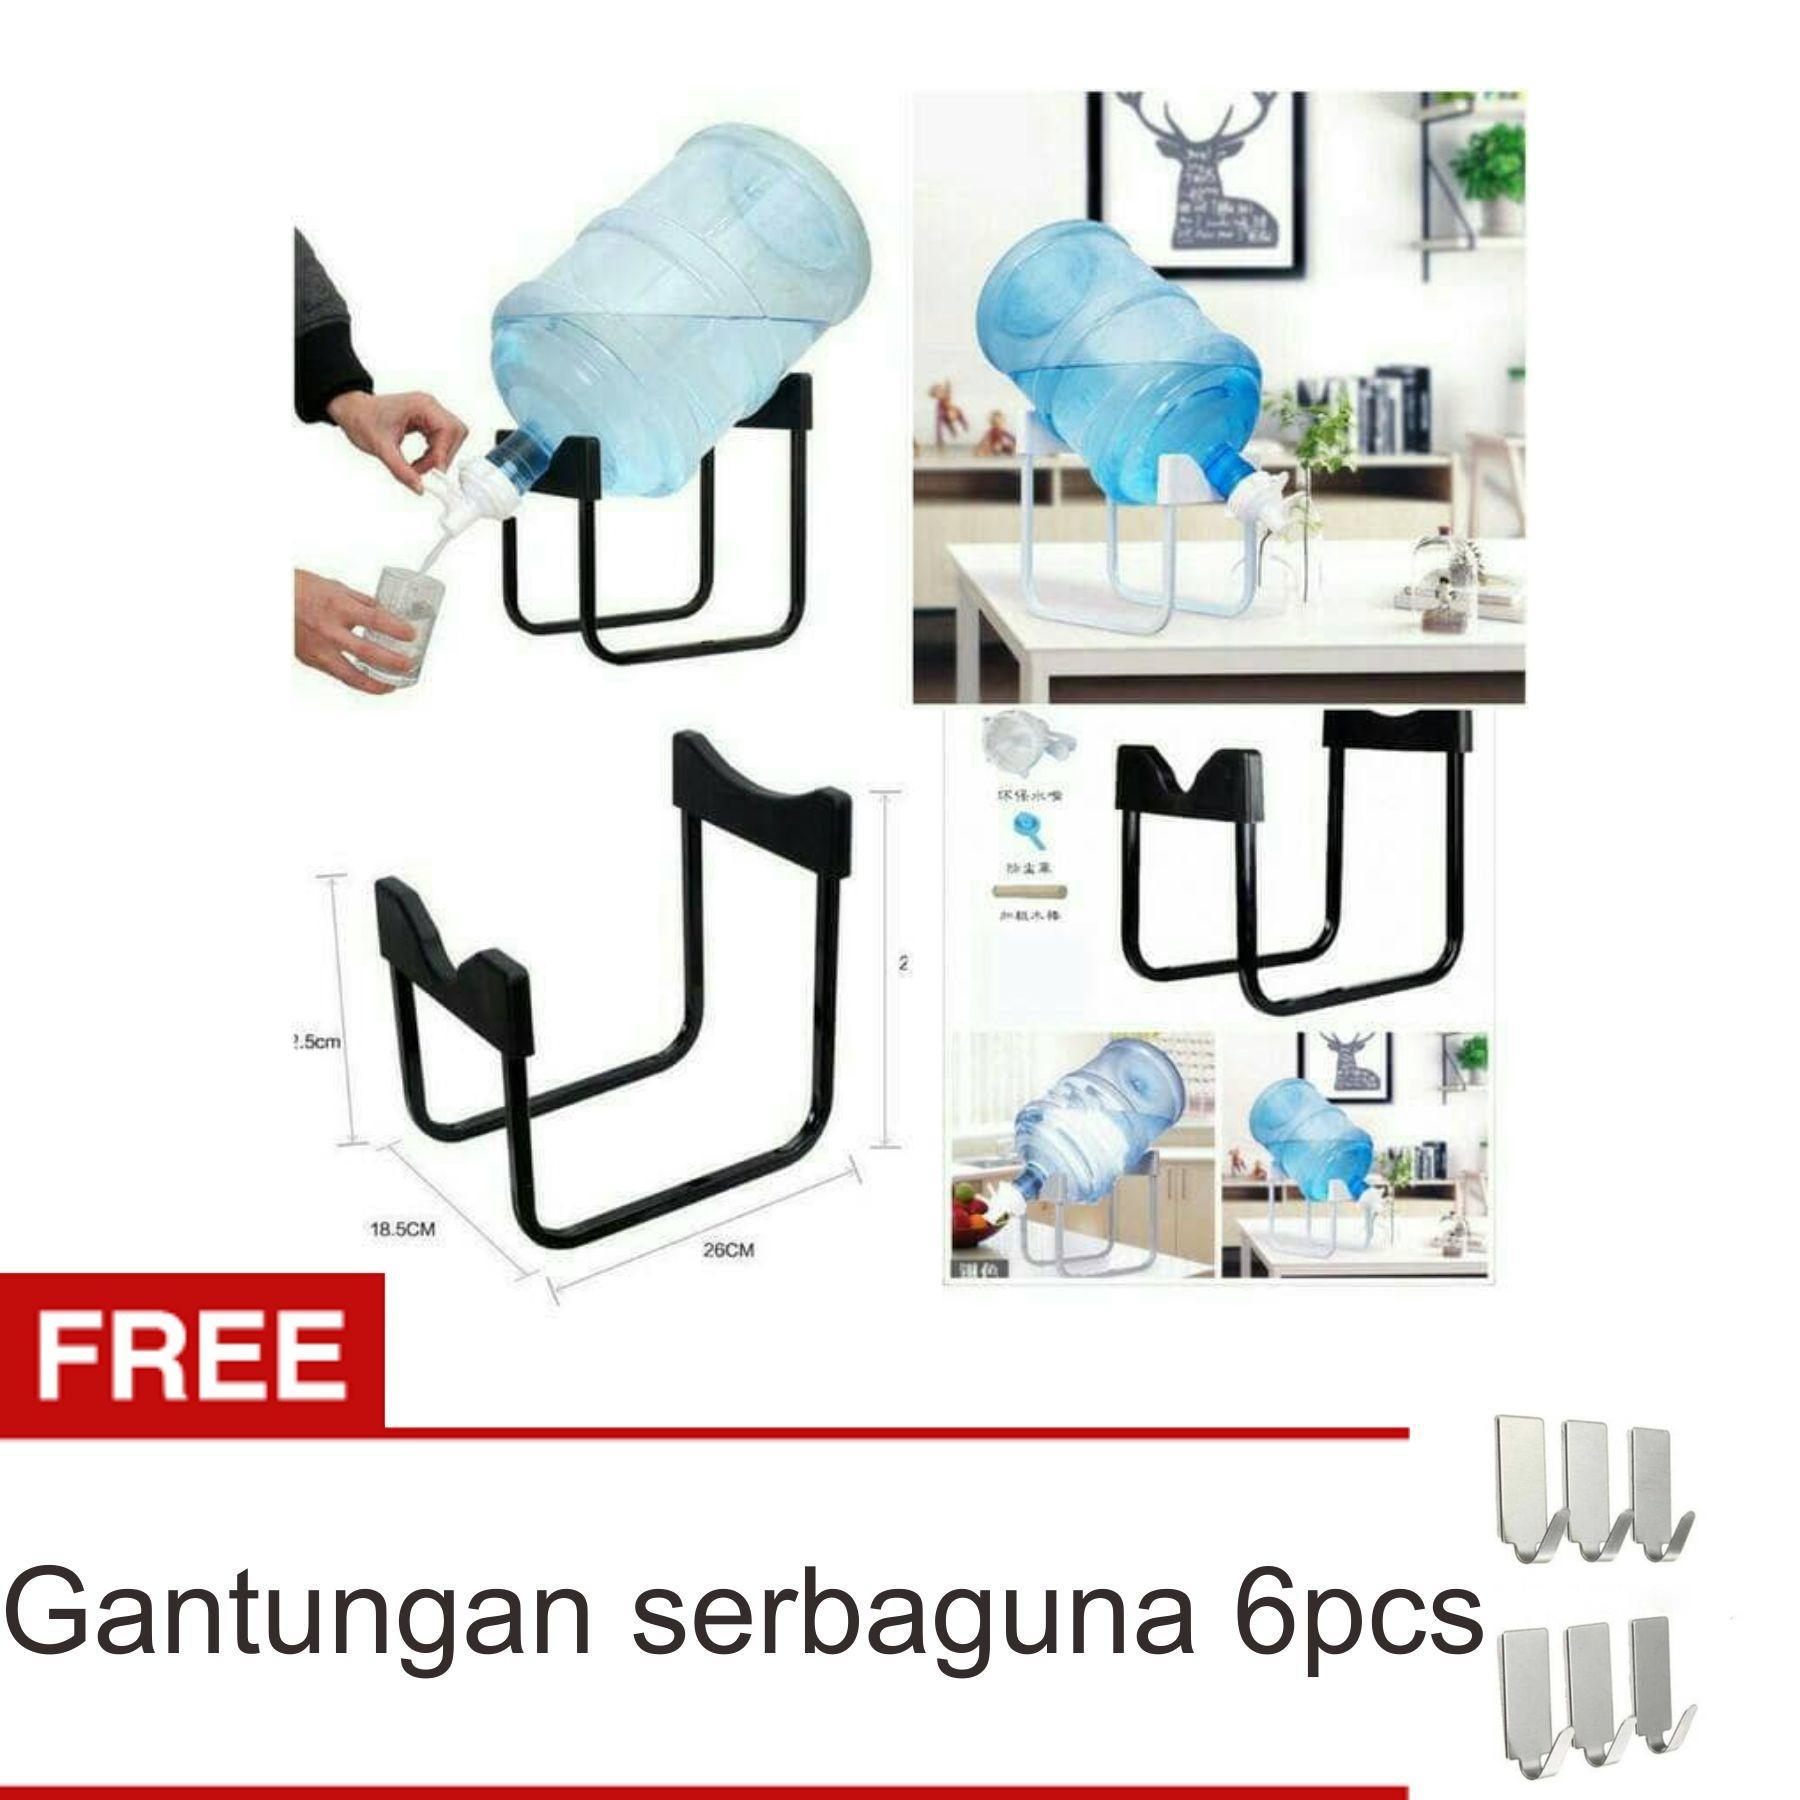 Lanjarjaya Rak Galon Tatakan Galon + Kran Air Galon / Dispenser Air Galon / Dispenser Minuman / Tatakan Aqua / Rak Besi Warna Random + Gantungan Serbaguna 6pcs